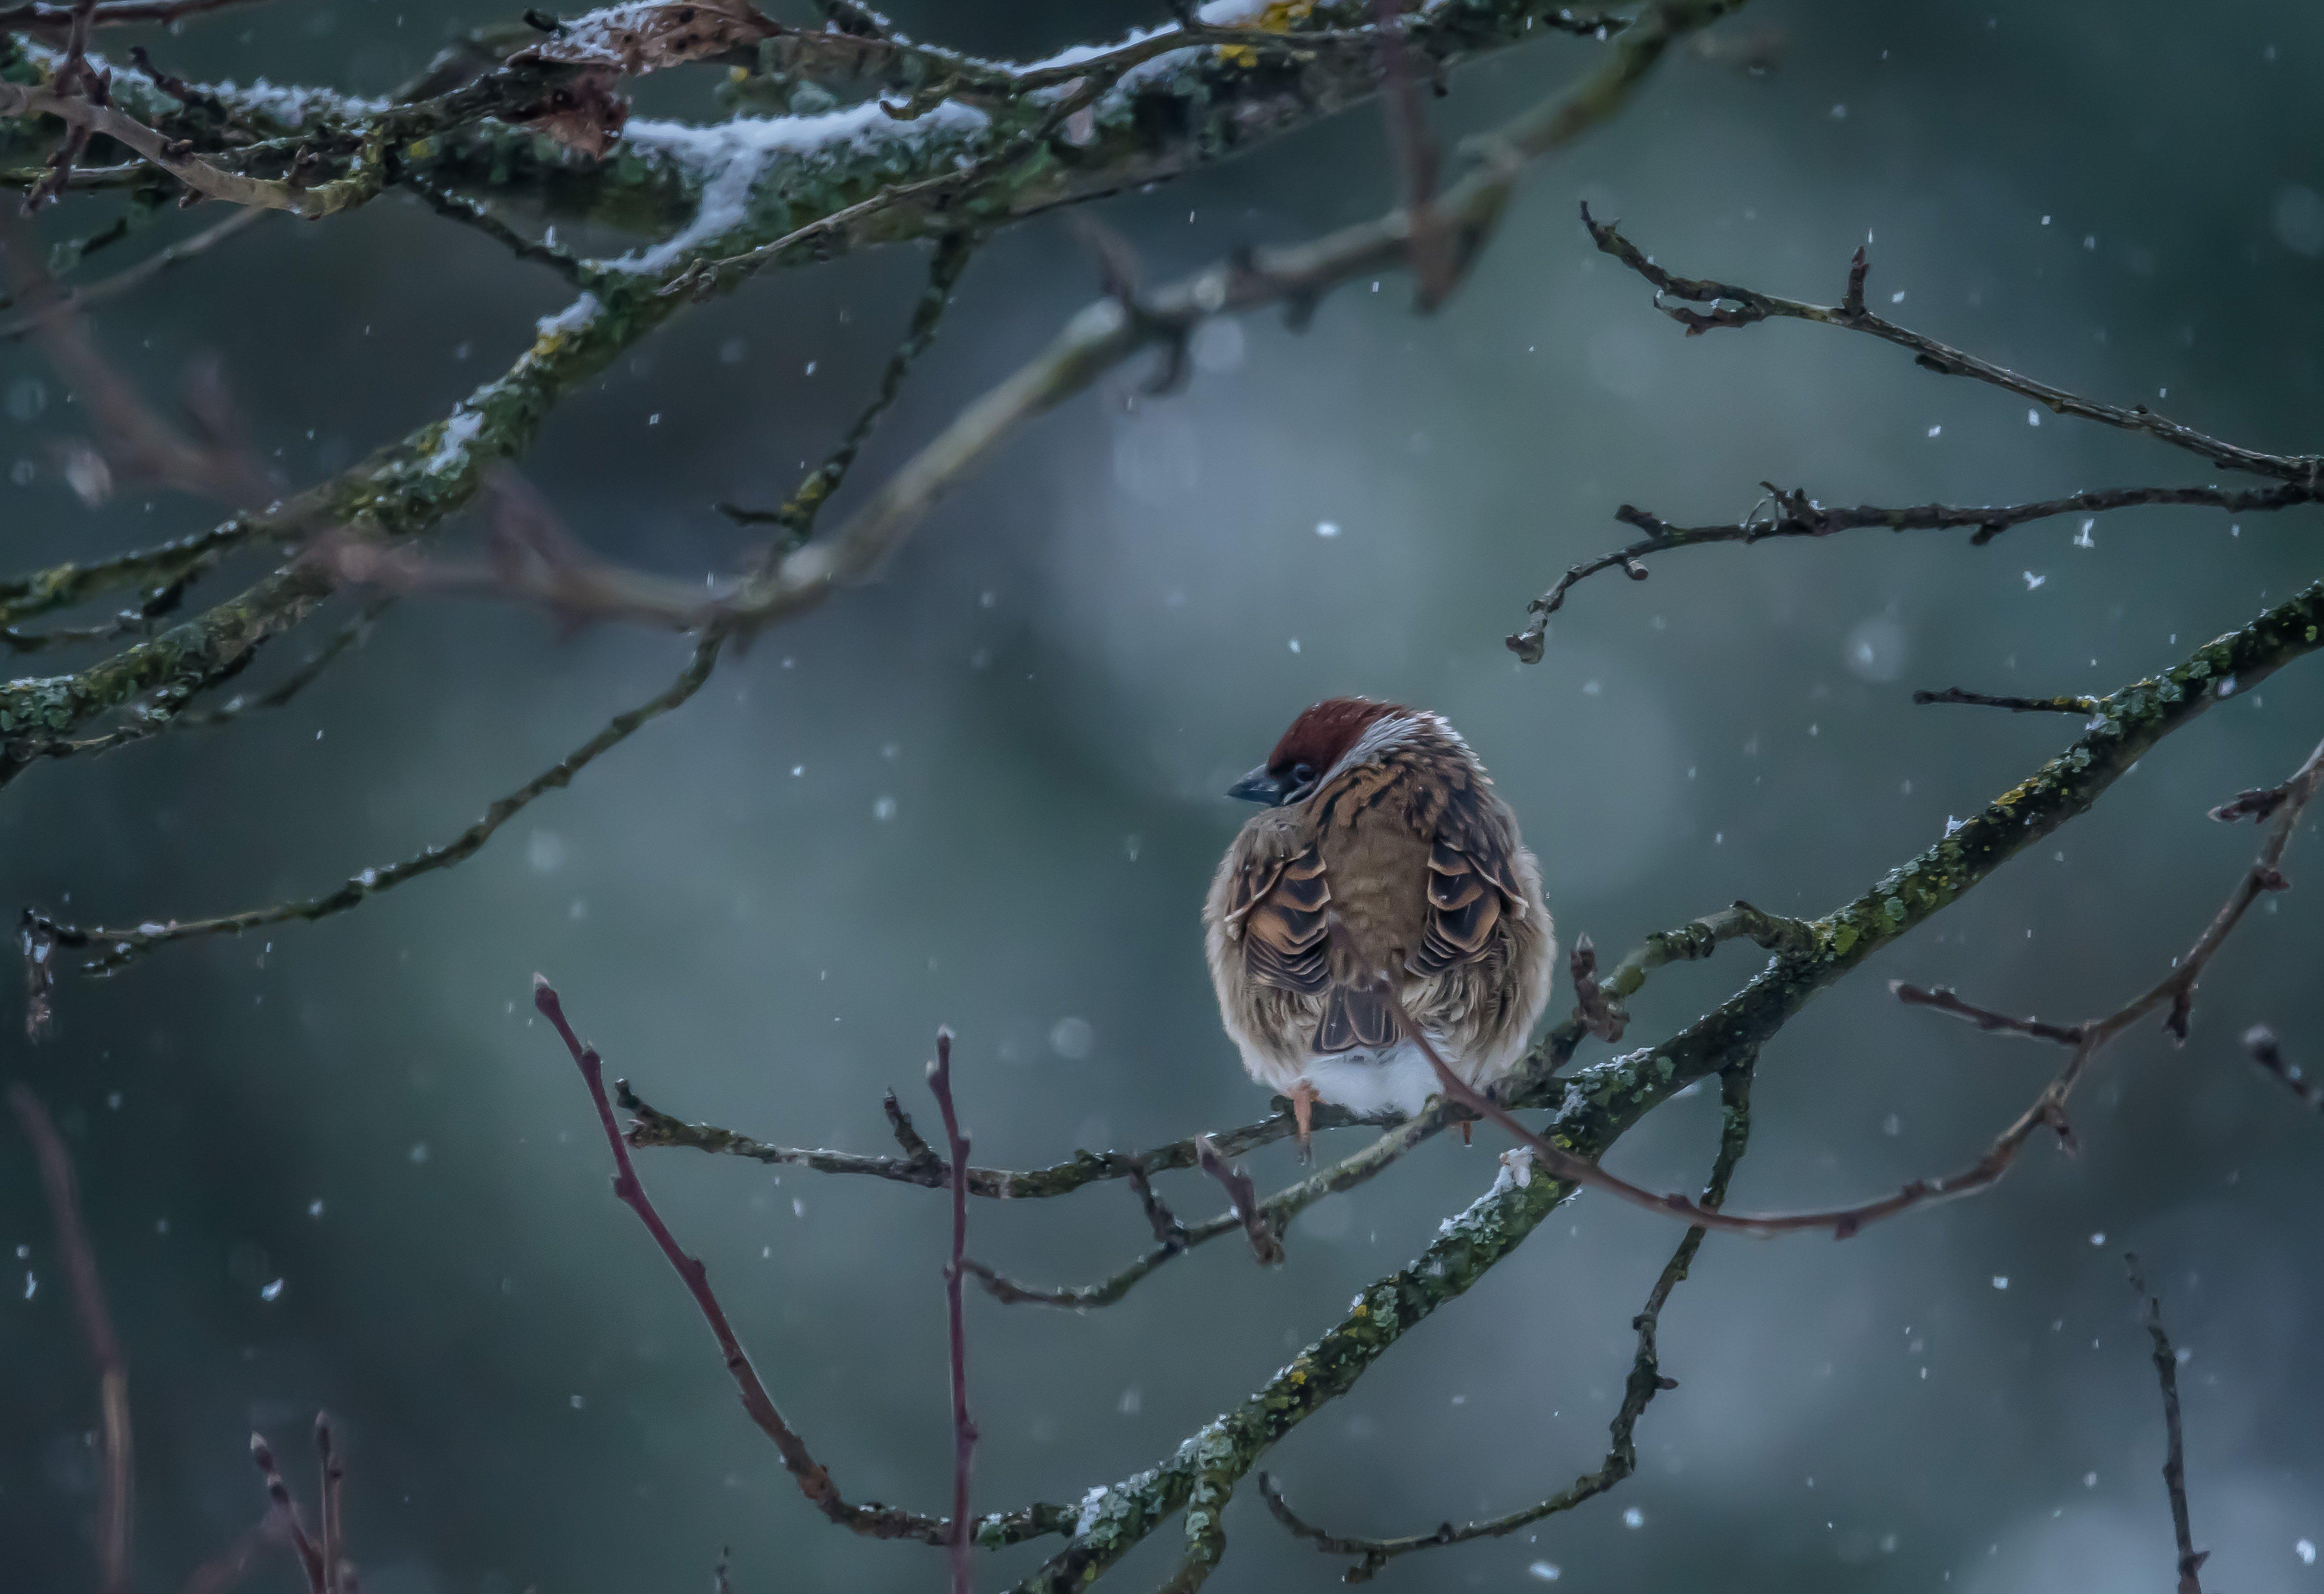 полевой воробей, декабрь, снег, пасмурно, воробушек, сумерки, зима, 2017 год, passer montanus, Соварцева Ксения